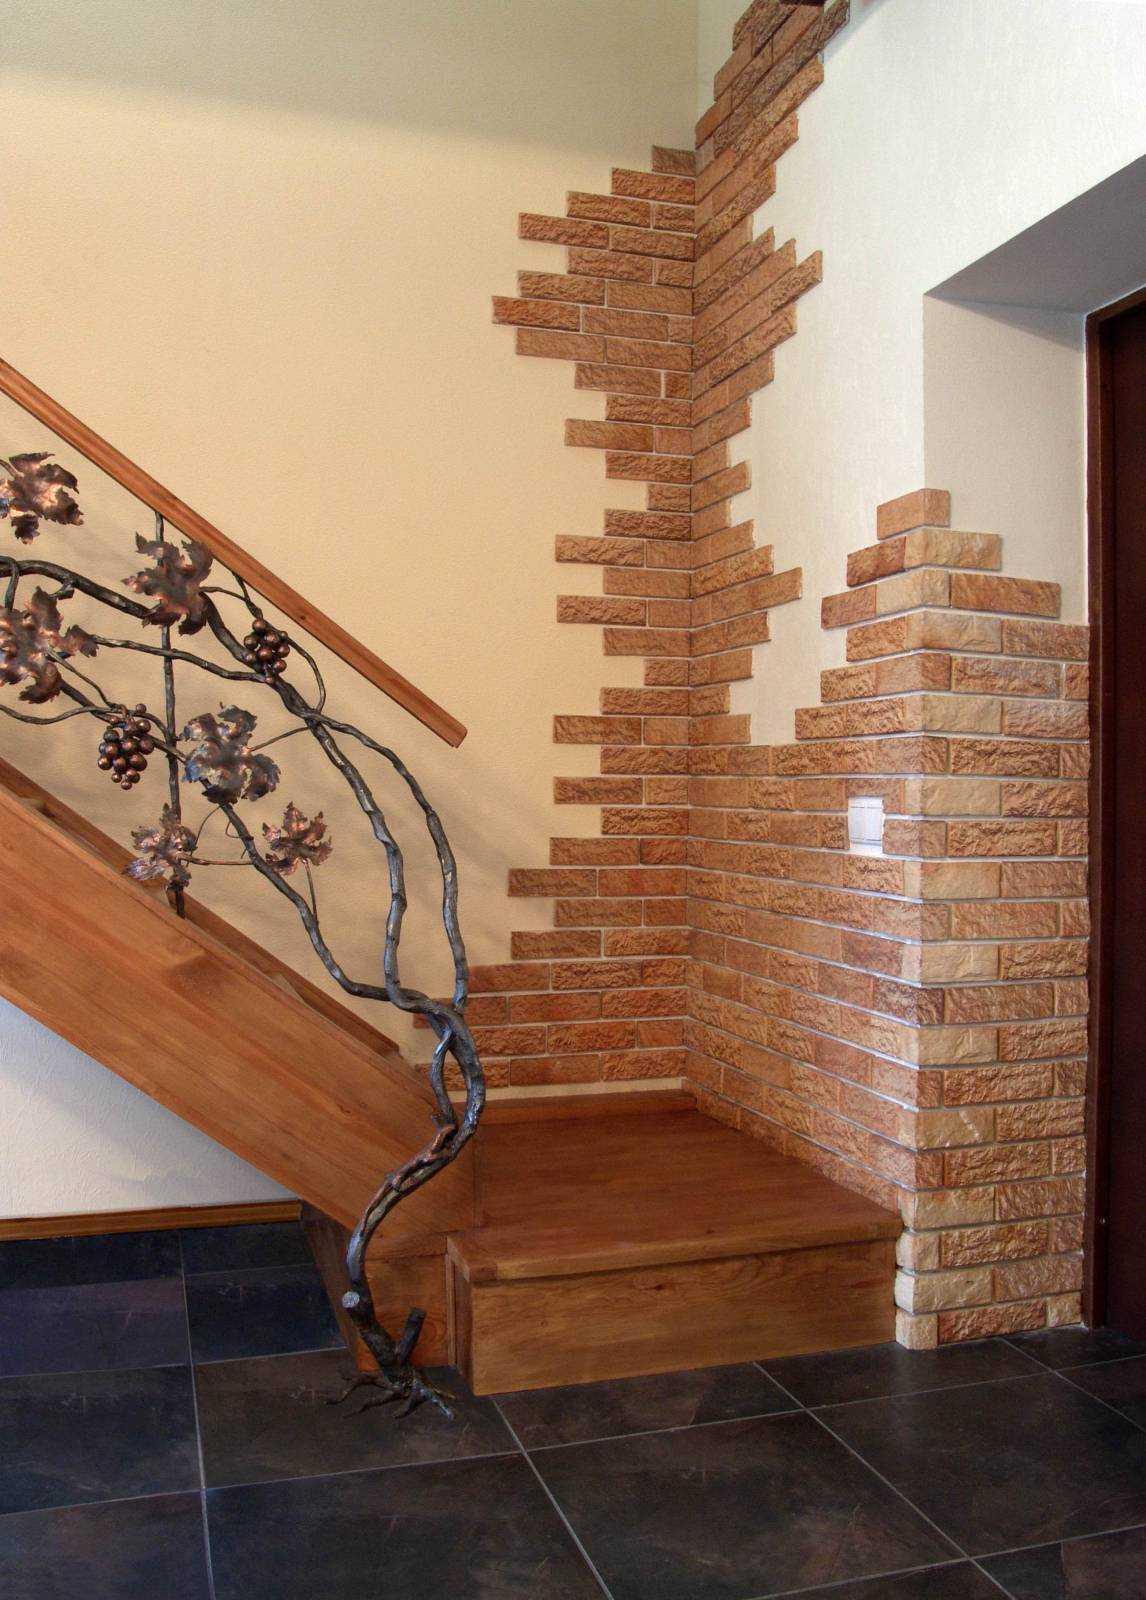 Укладка декоративного кирпича на стену в квартире: как и на что клеить такую отделку